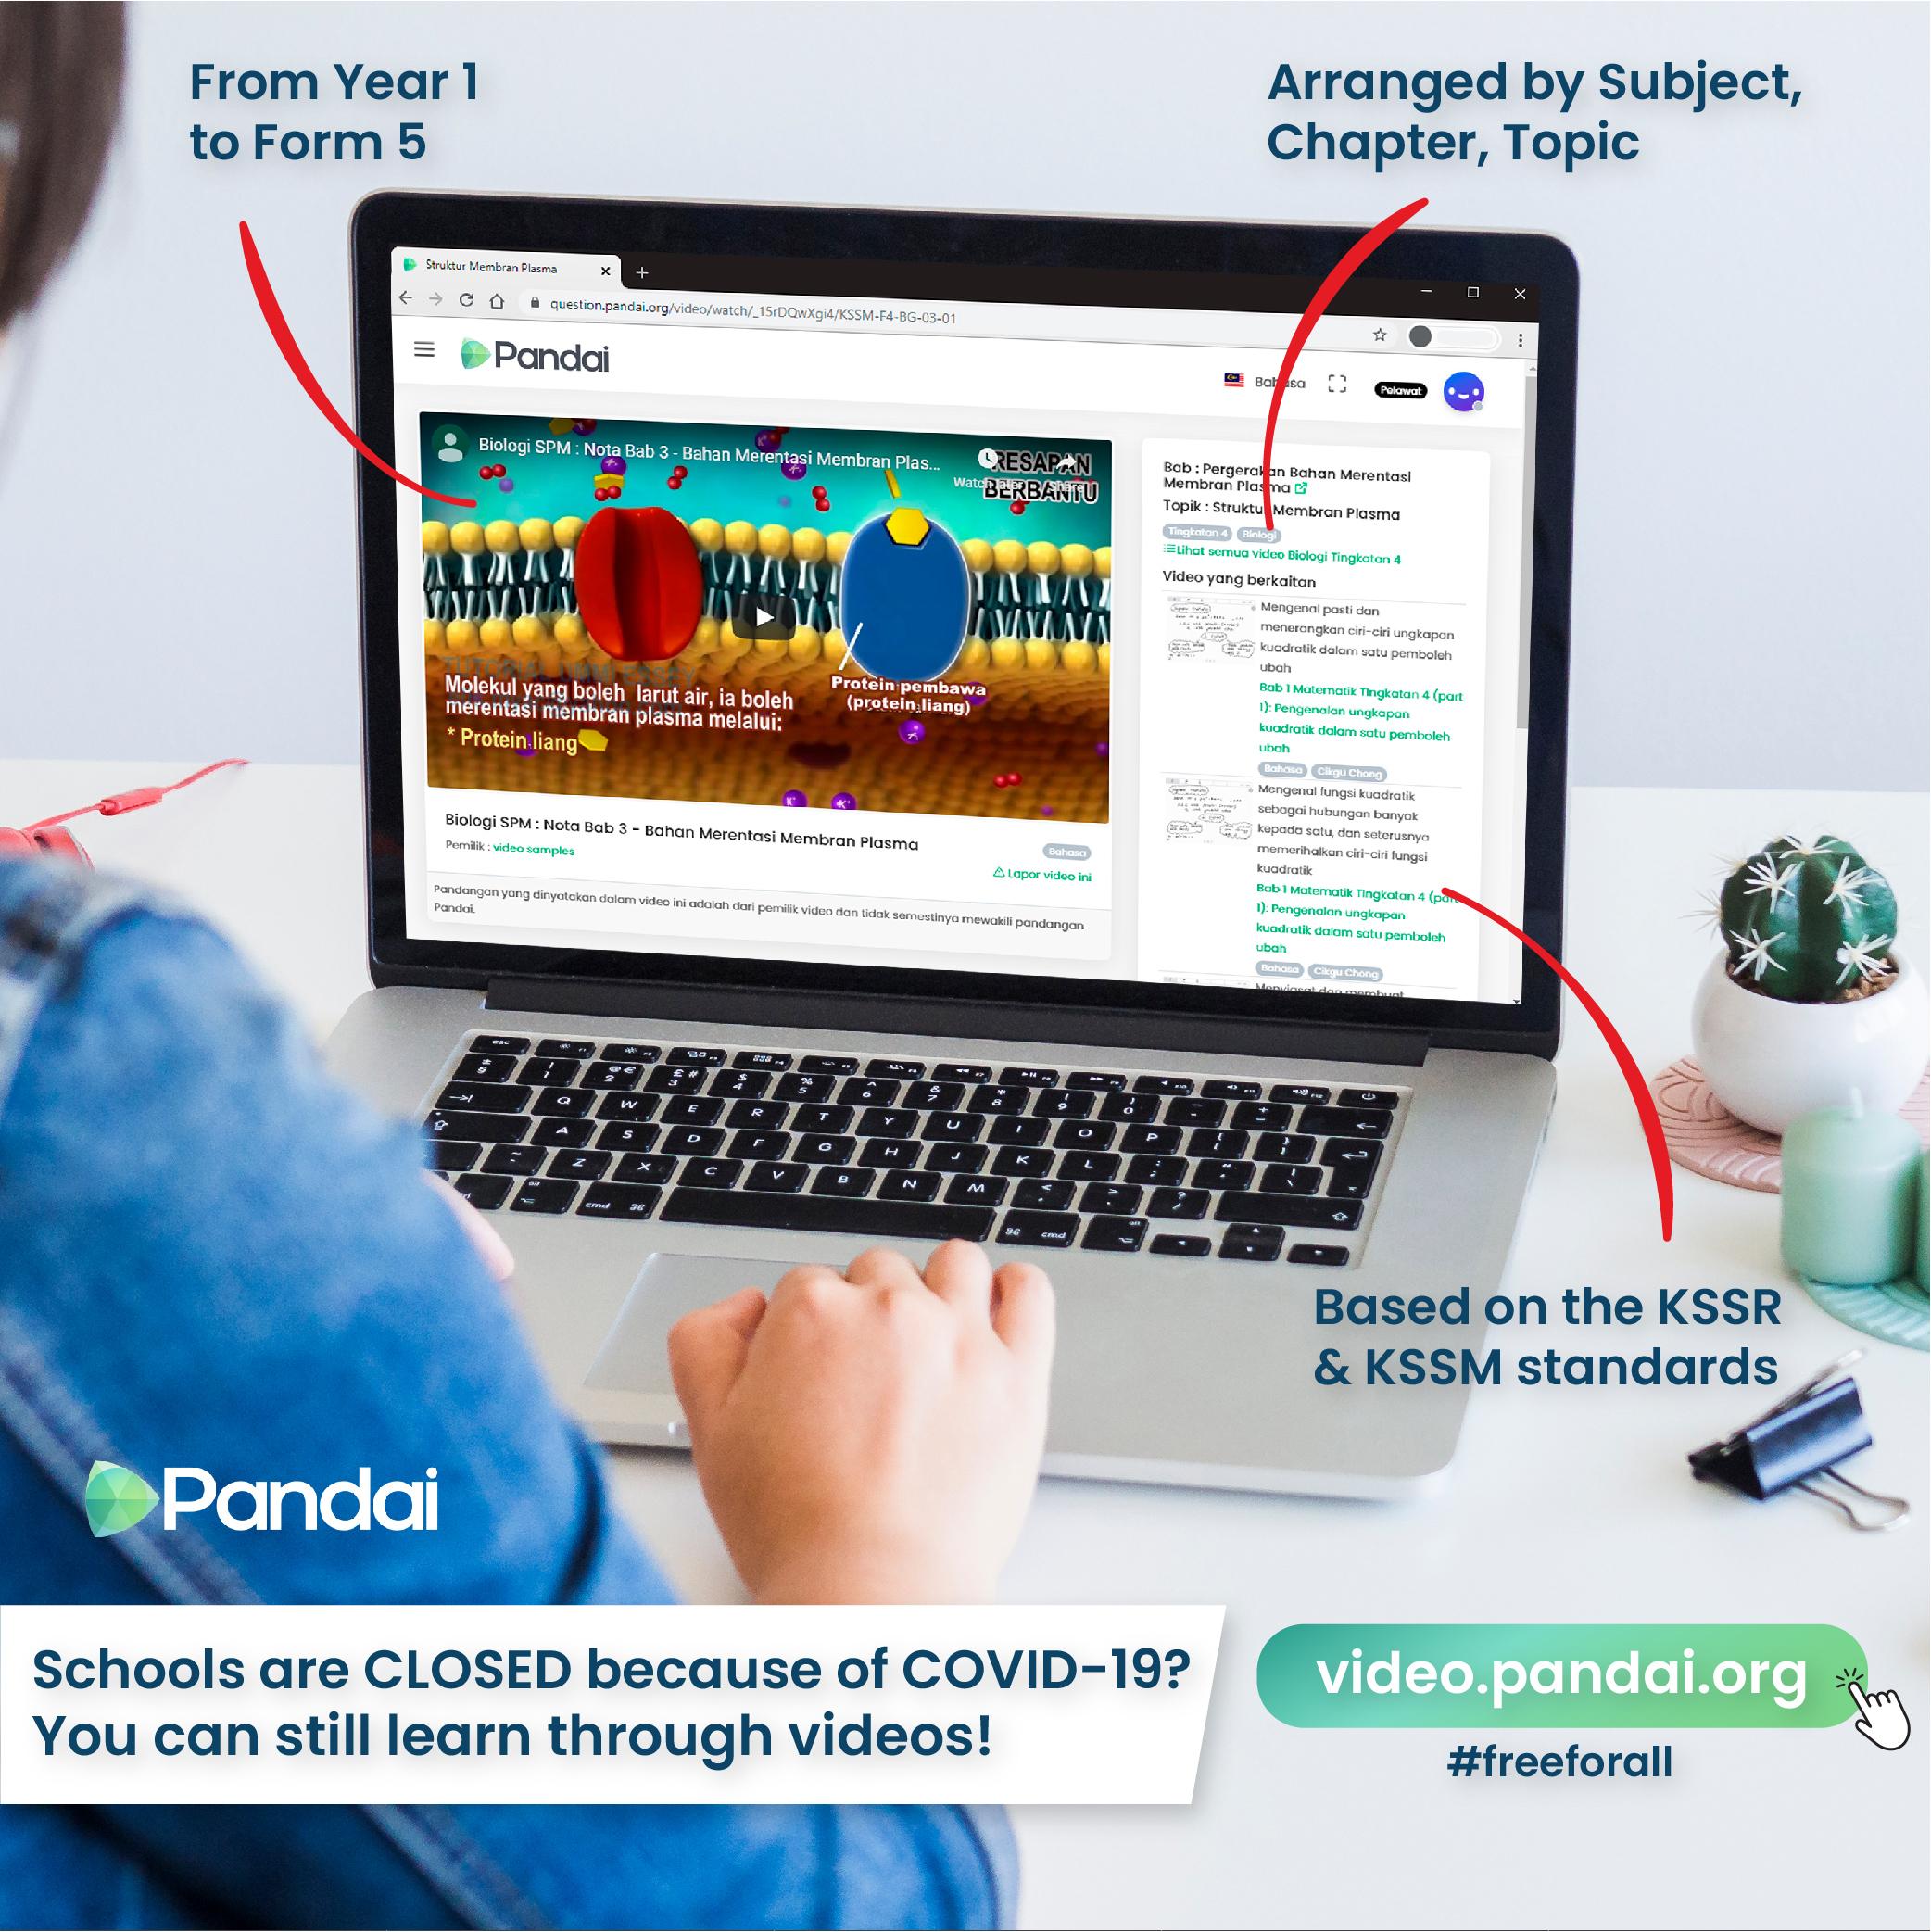 pandai tutor, pandai app login, question pandai org video, https question pandai org video, pandai premium, video pandai org form1, covid-19 study,